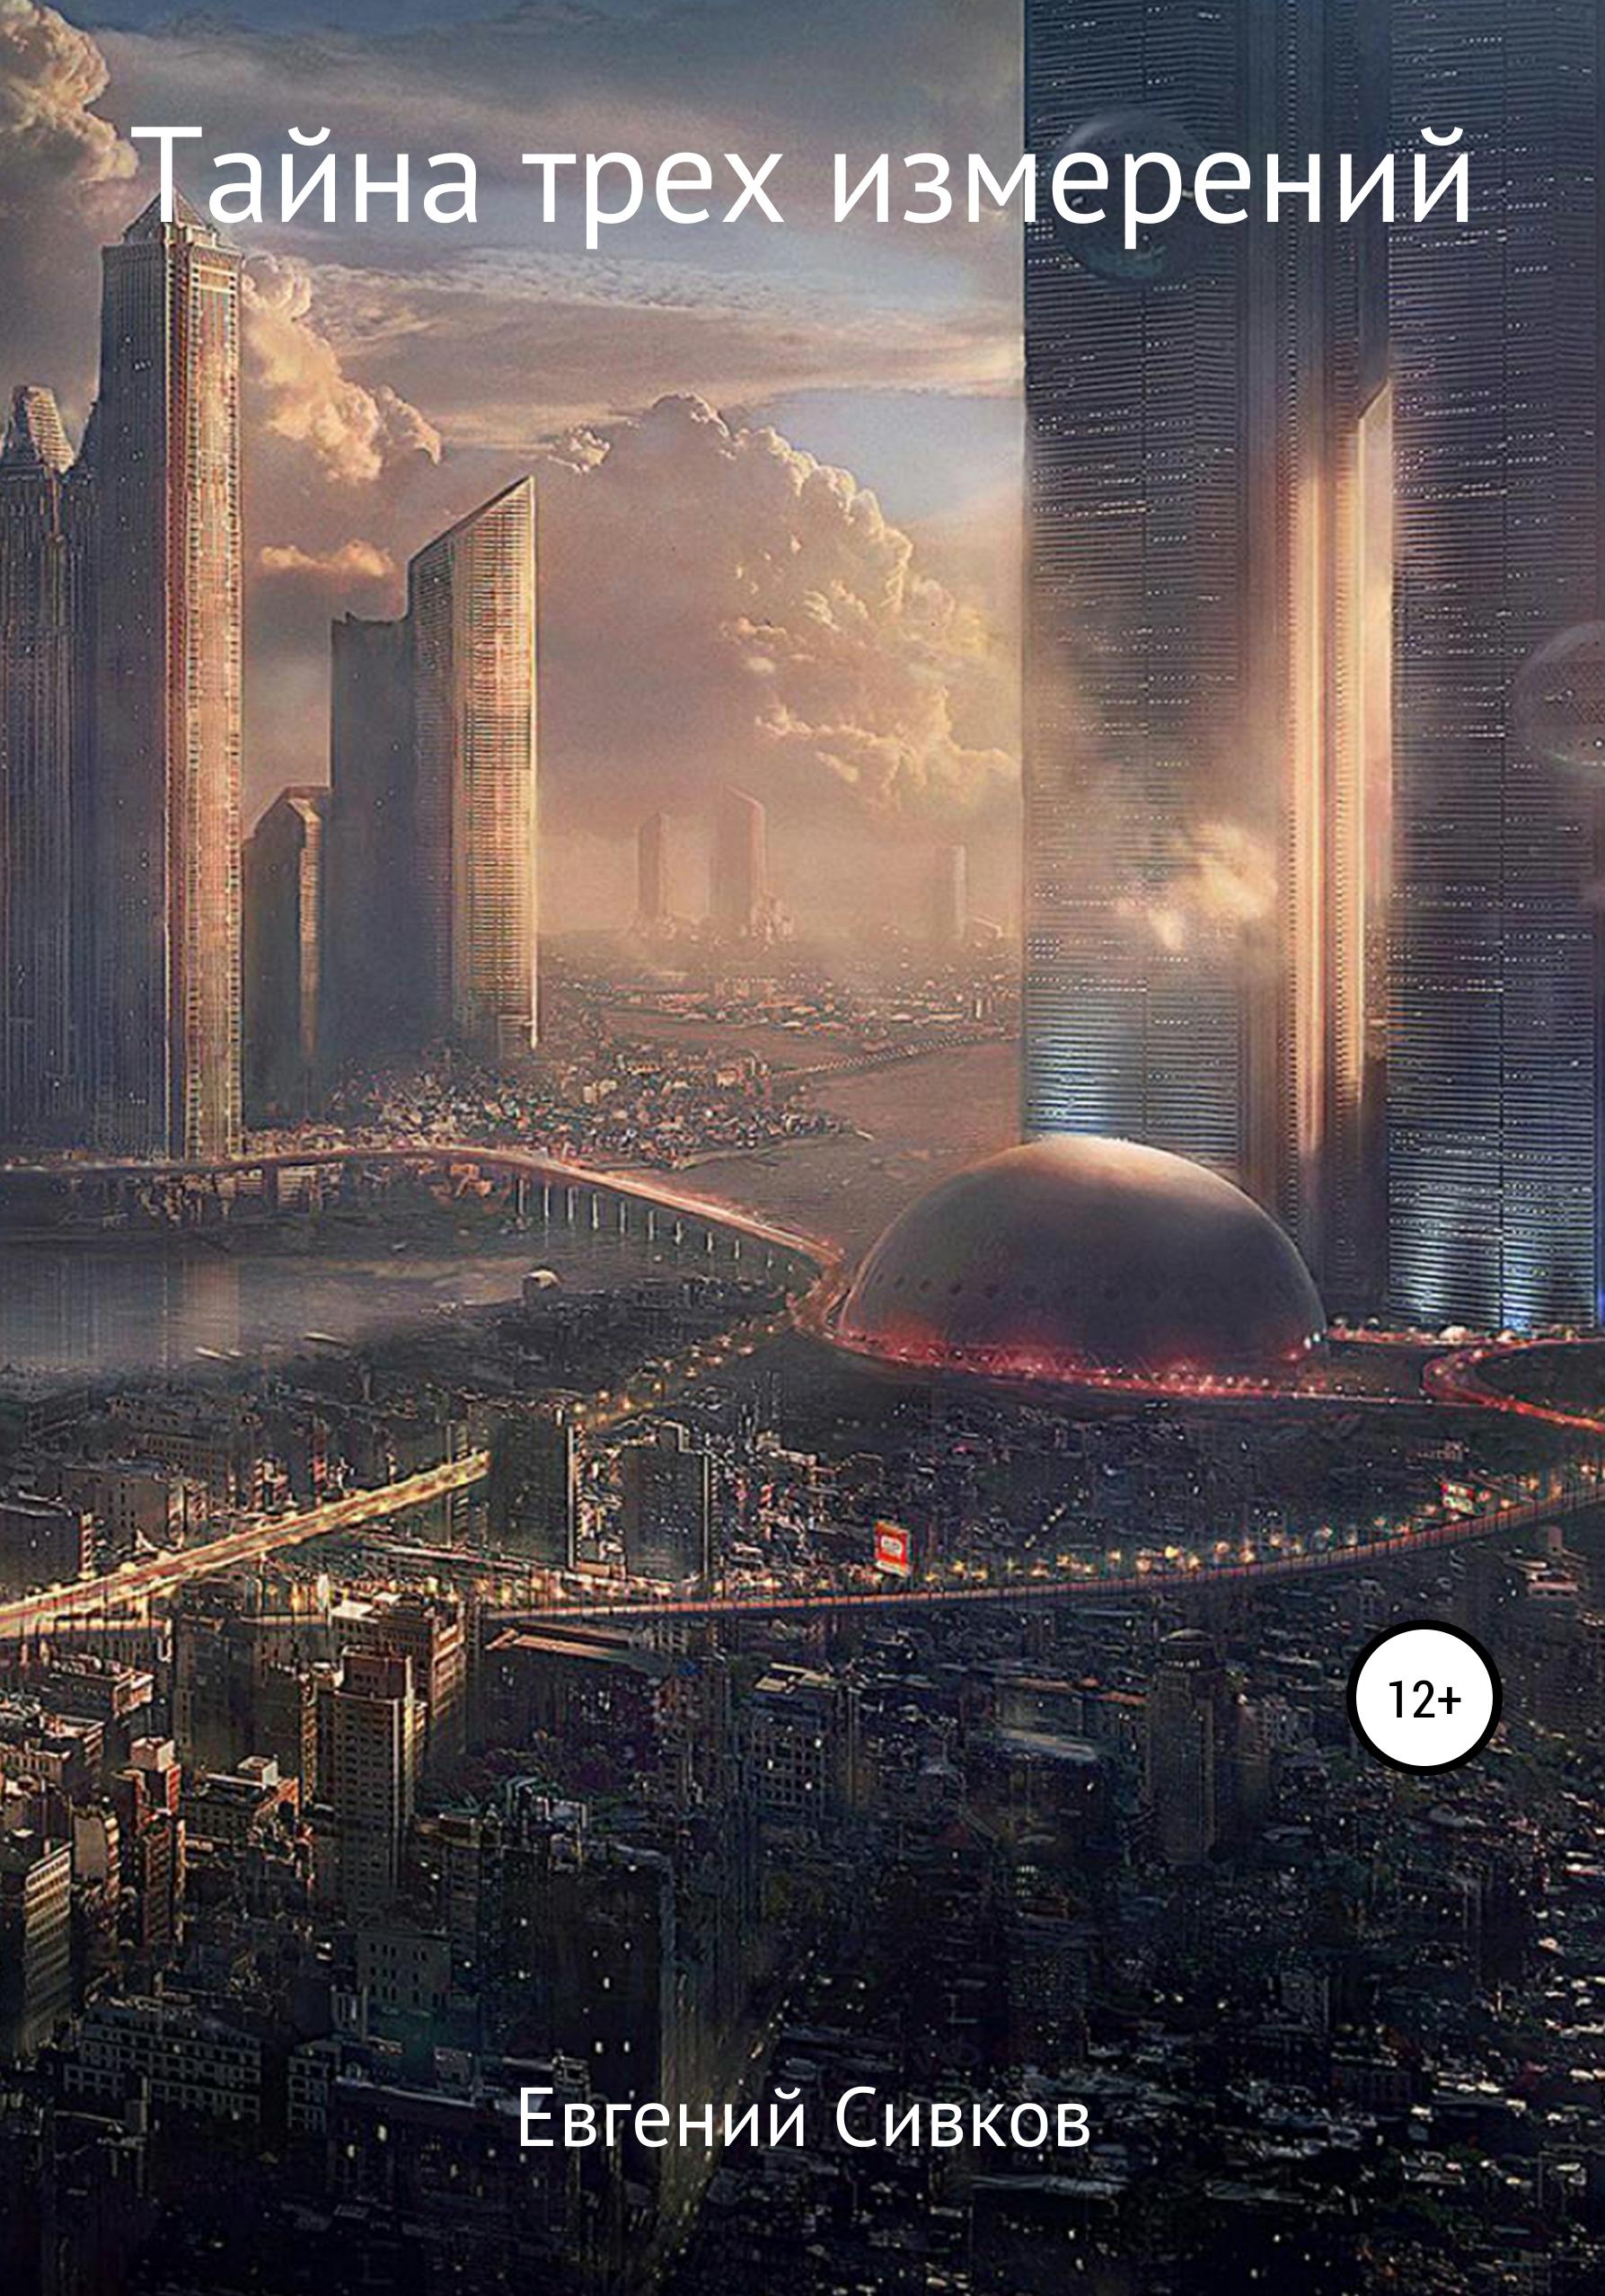 Купить книгу Тайна трех измерений, автора Евгения Владимировича Сивкова